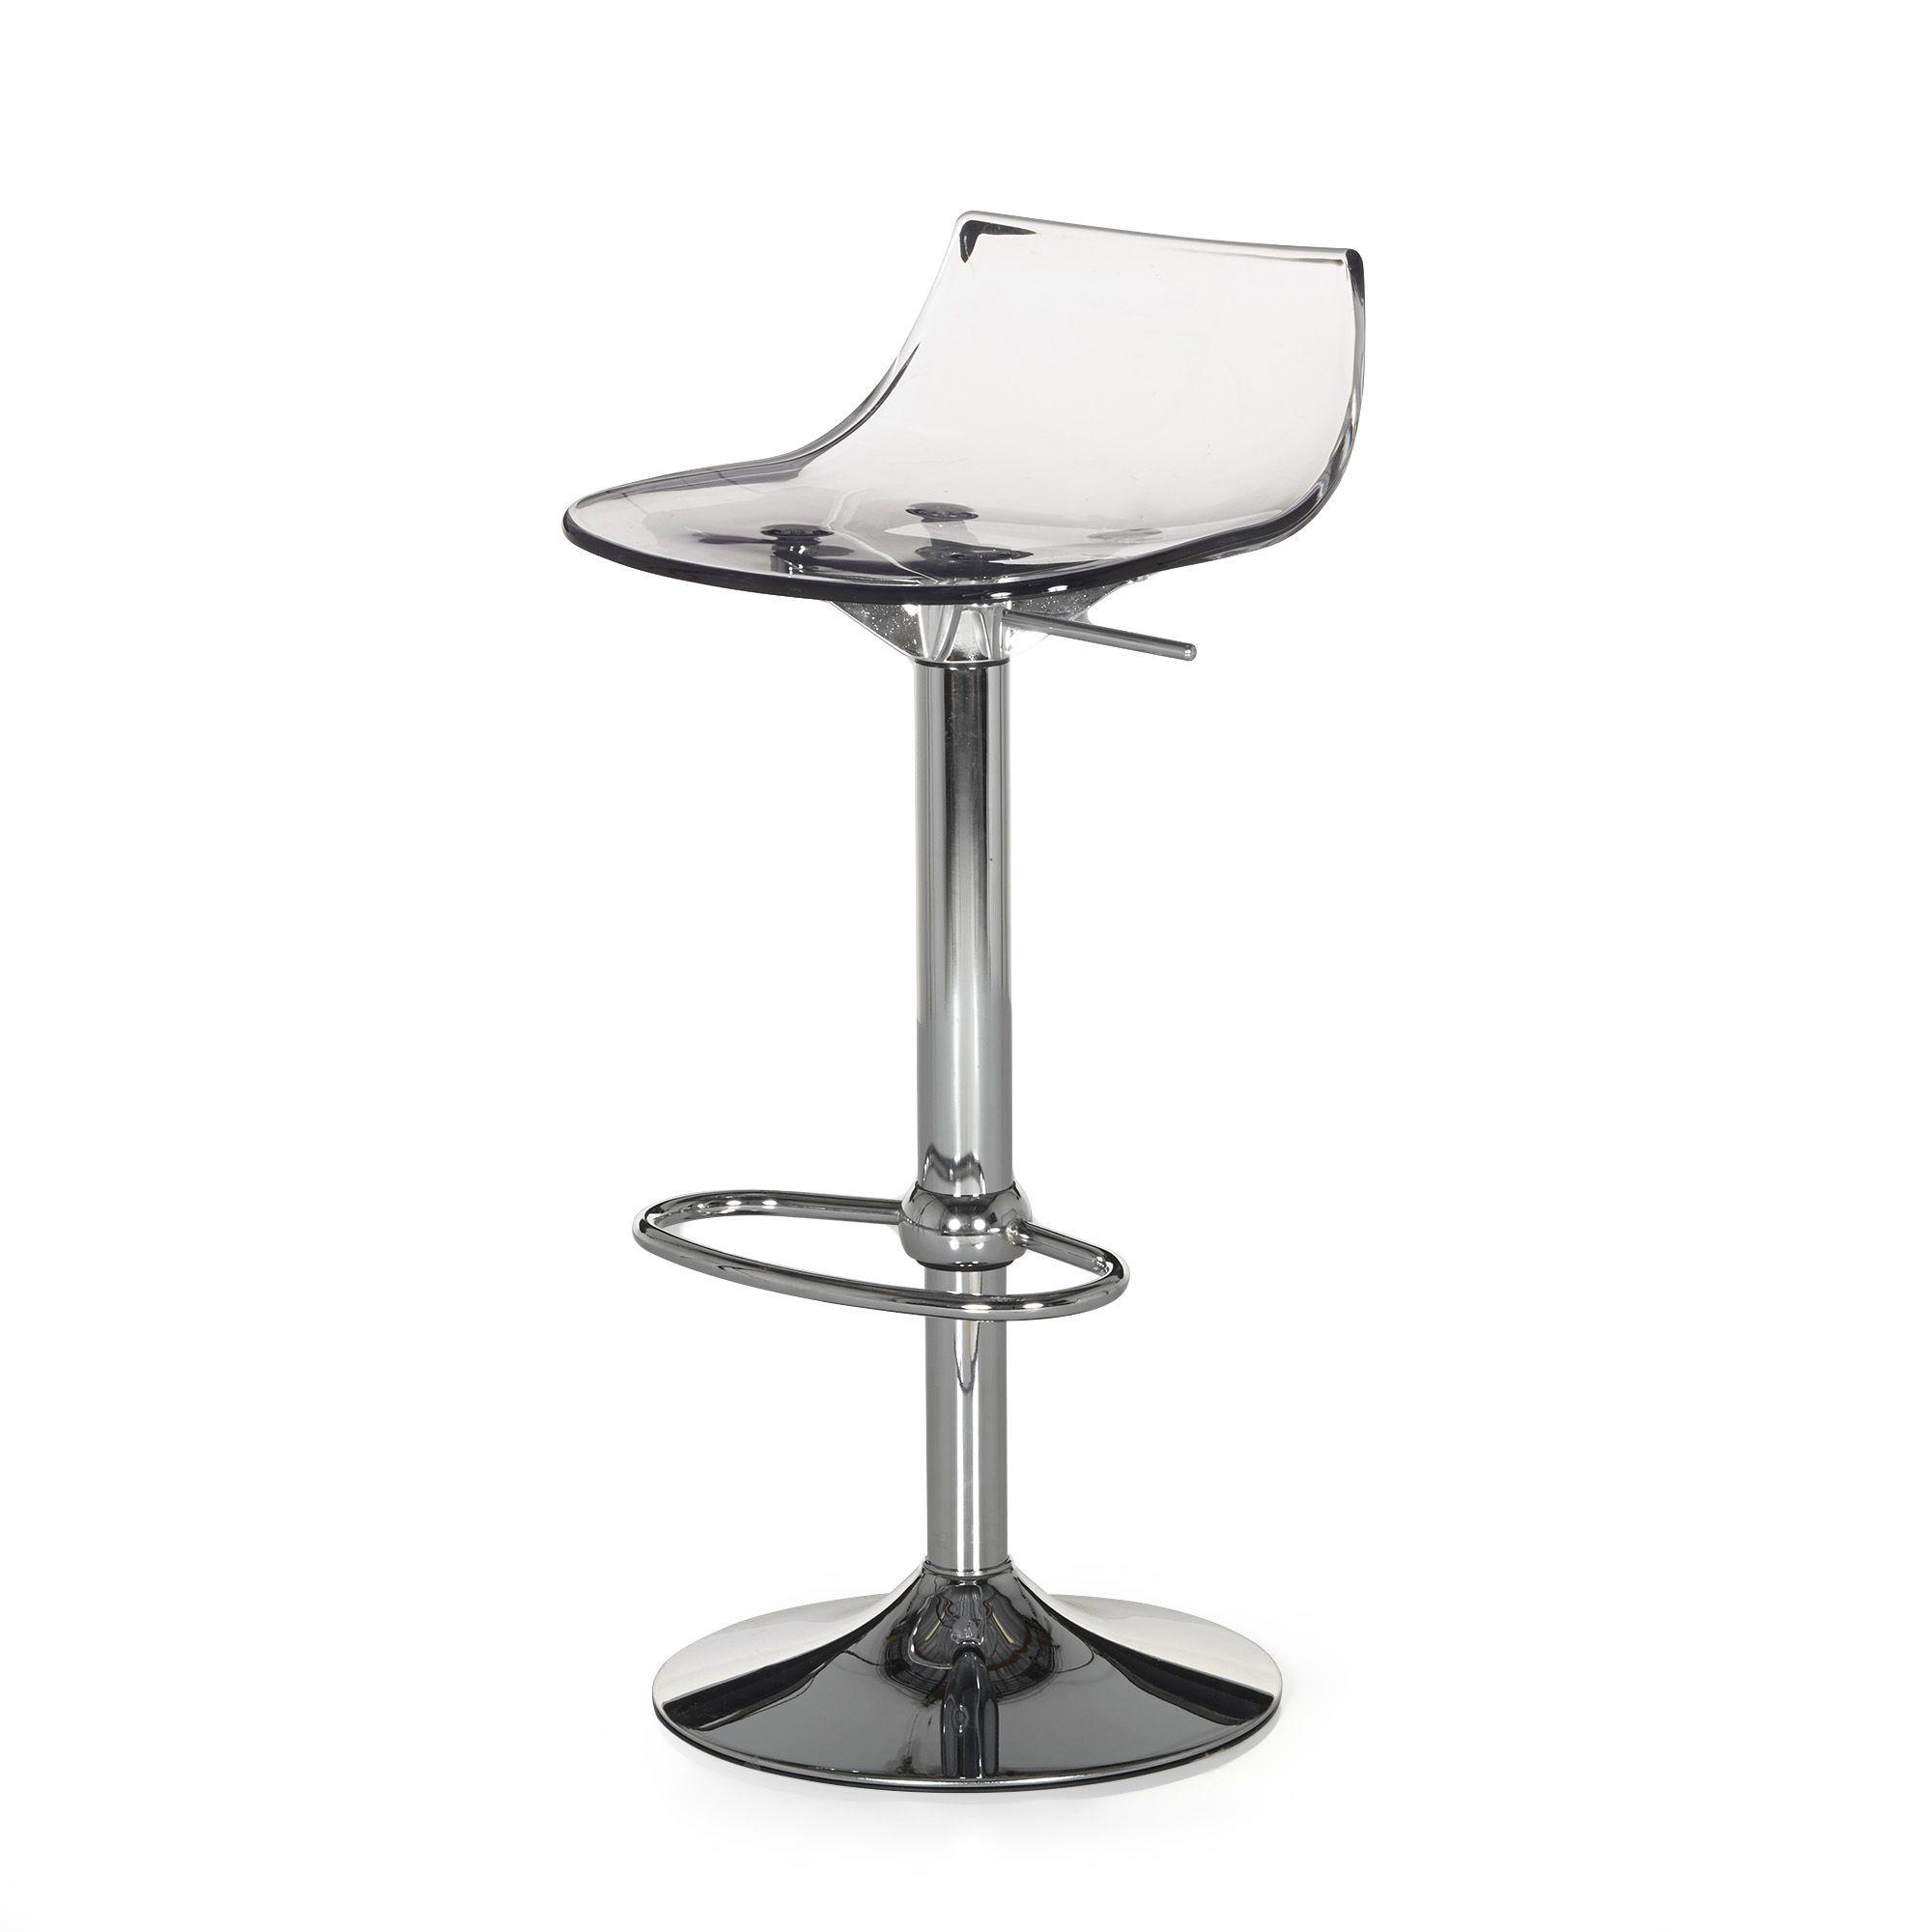 Chaise De Bar Reglable En Hauteur Pas Cher